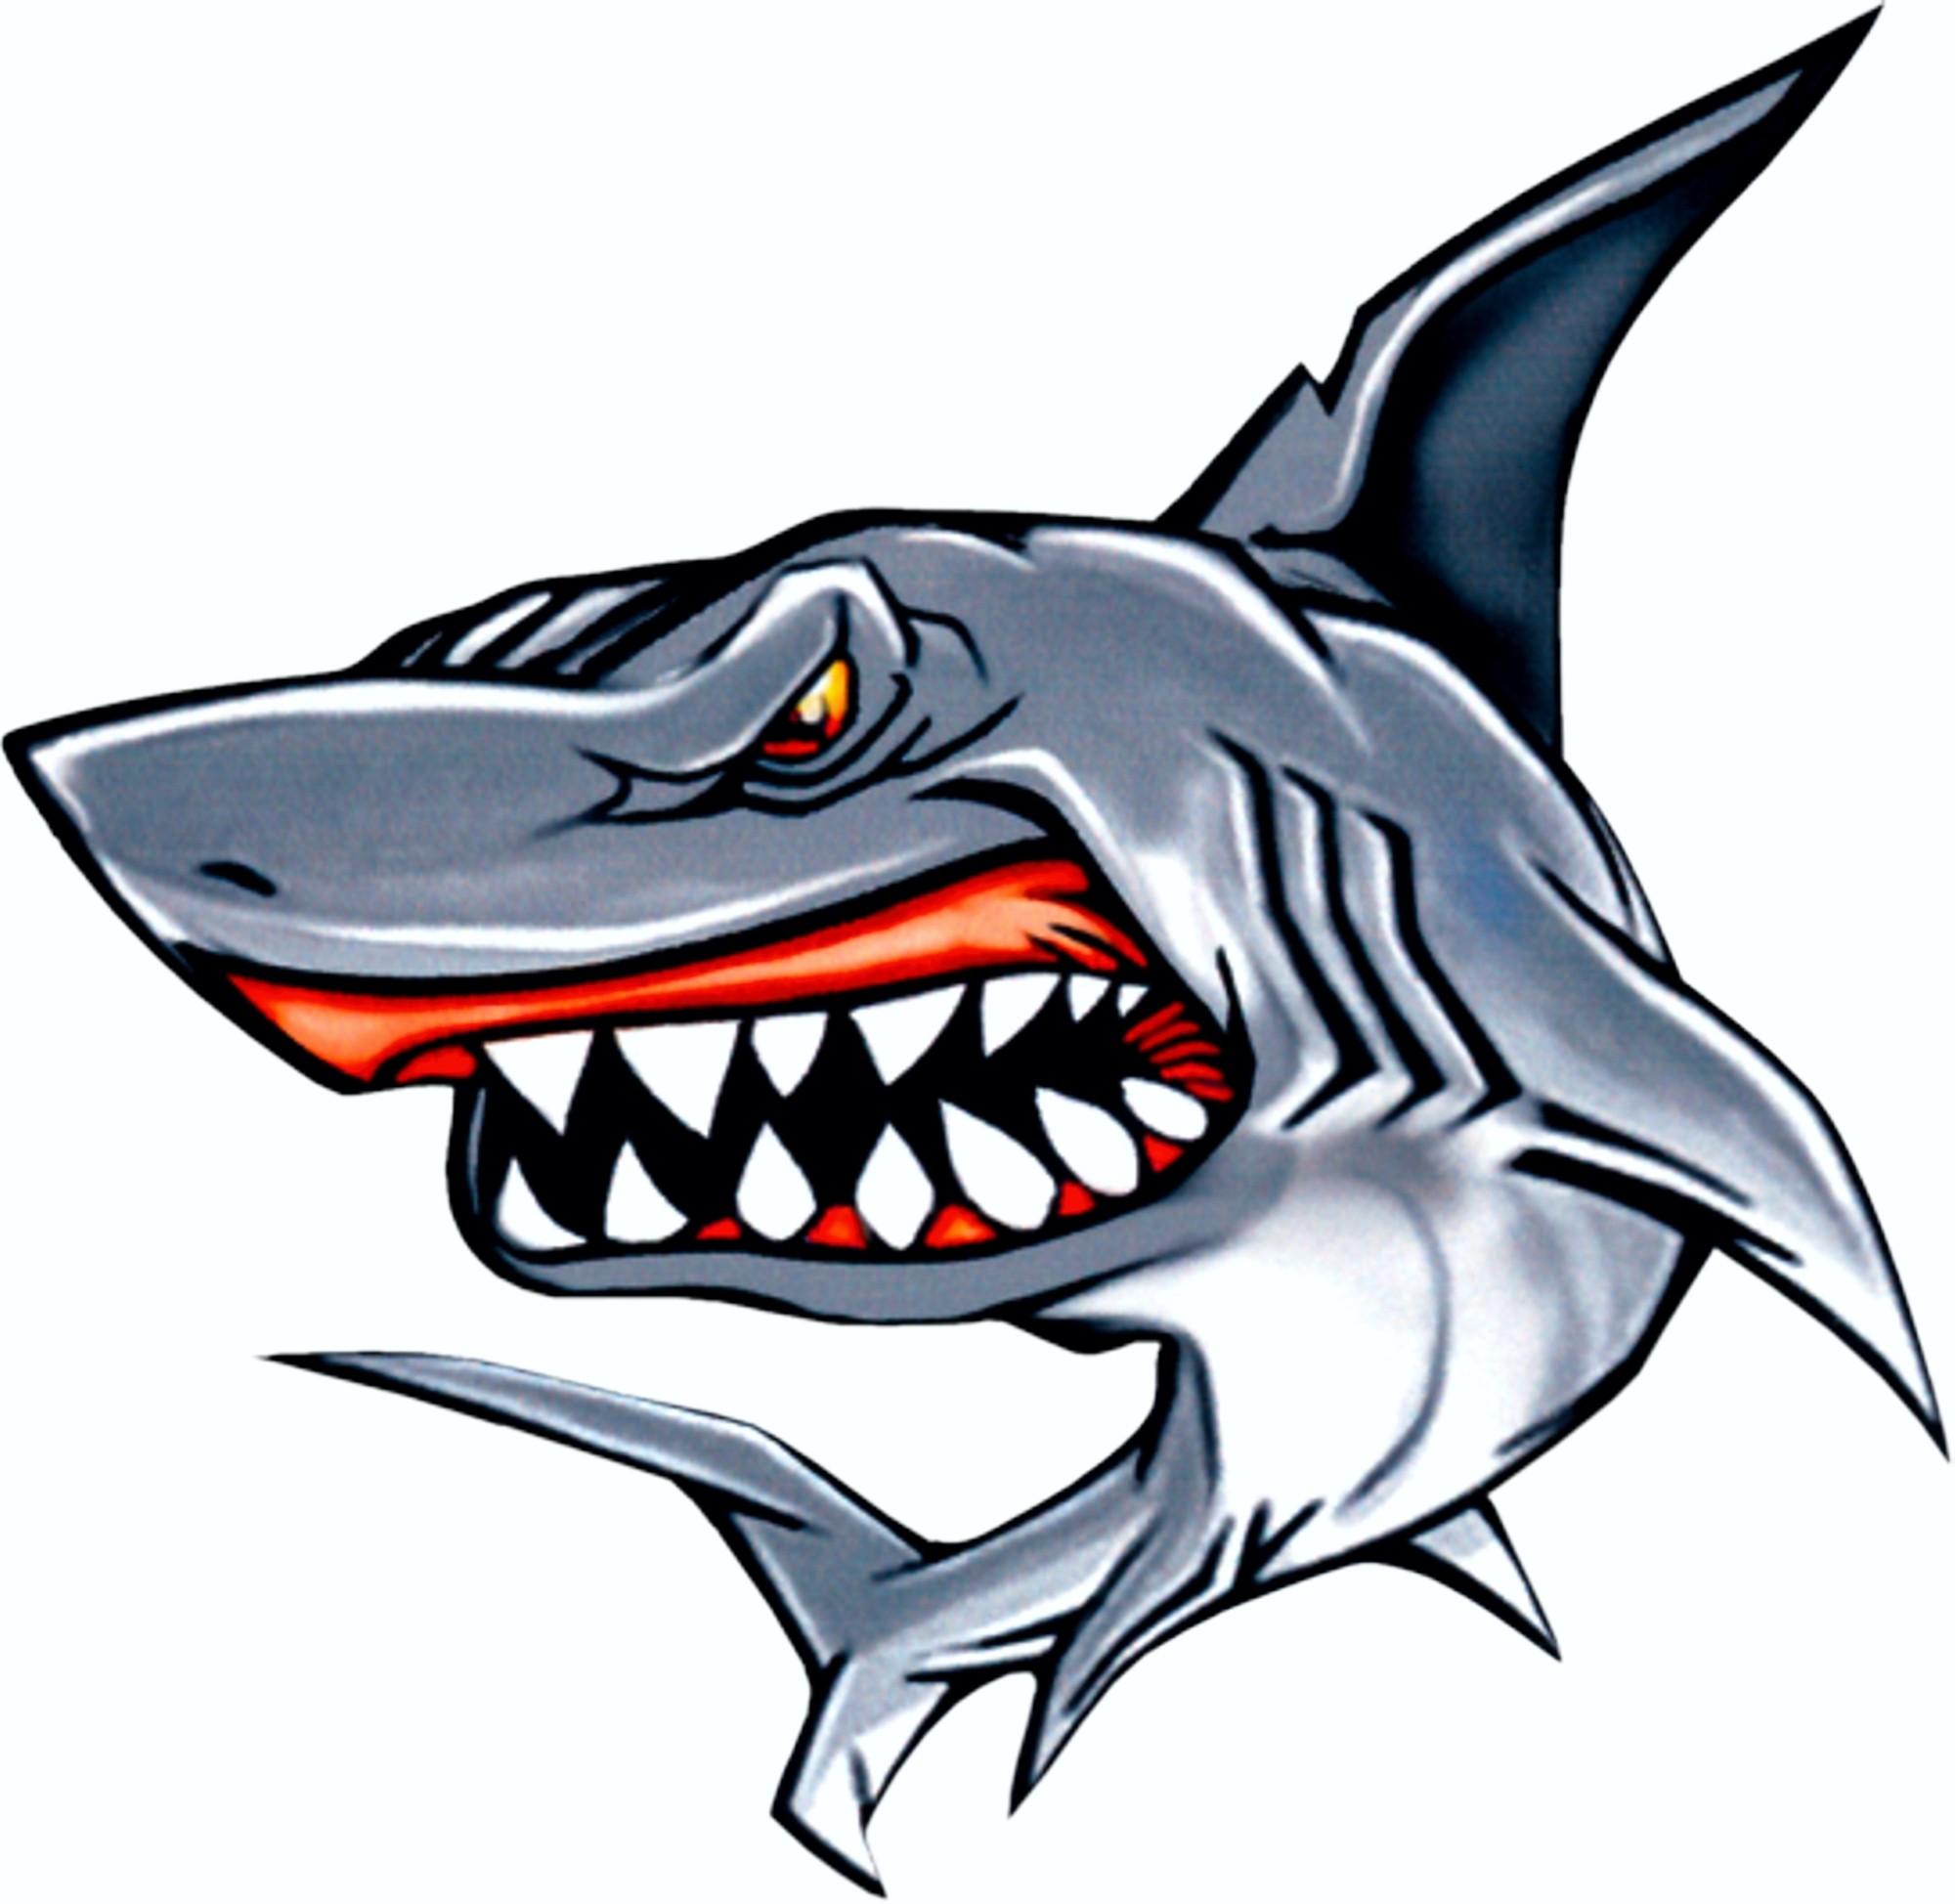 Autocollant requin 100 x 105 mm – Bild 1